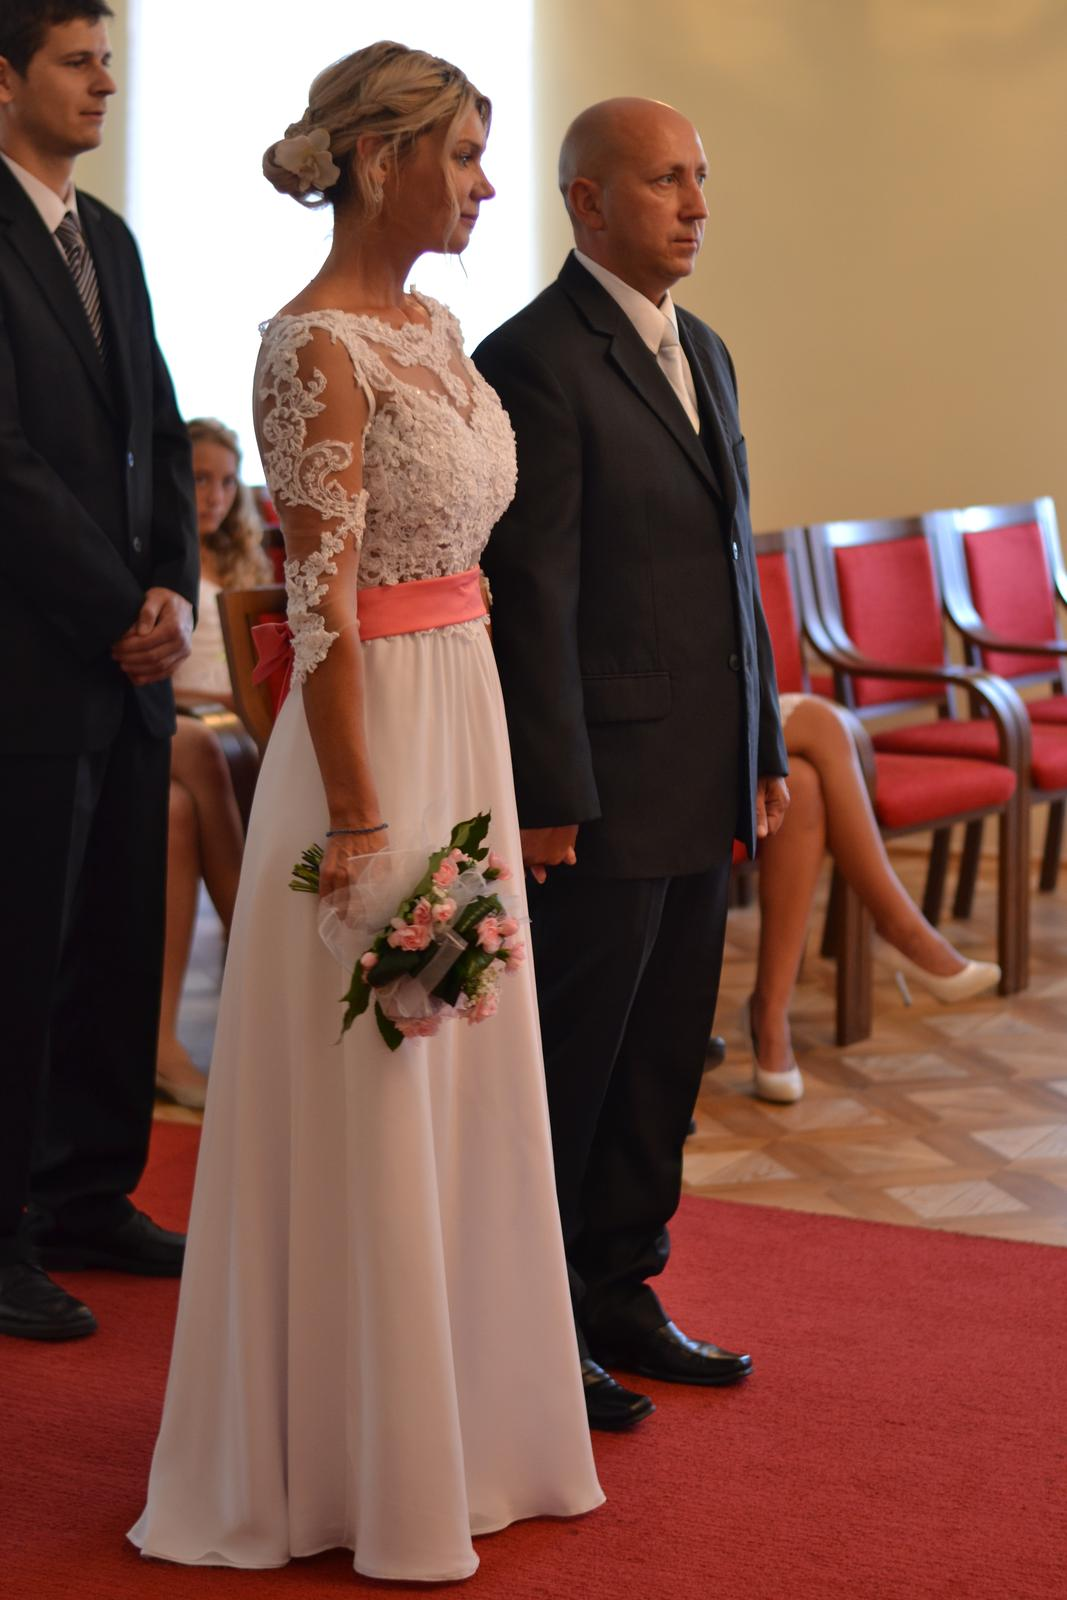 Tiež som sa vydávala... - Obrázok č. 1